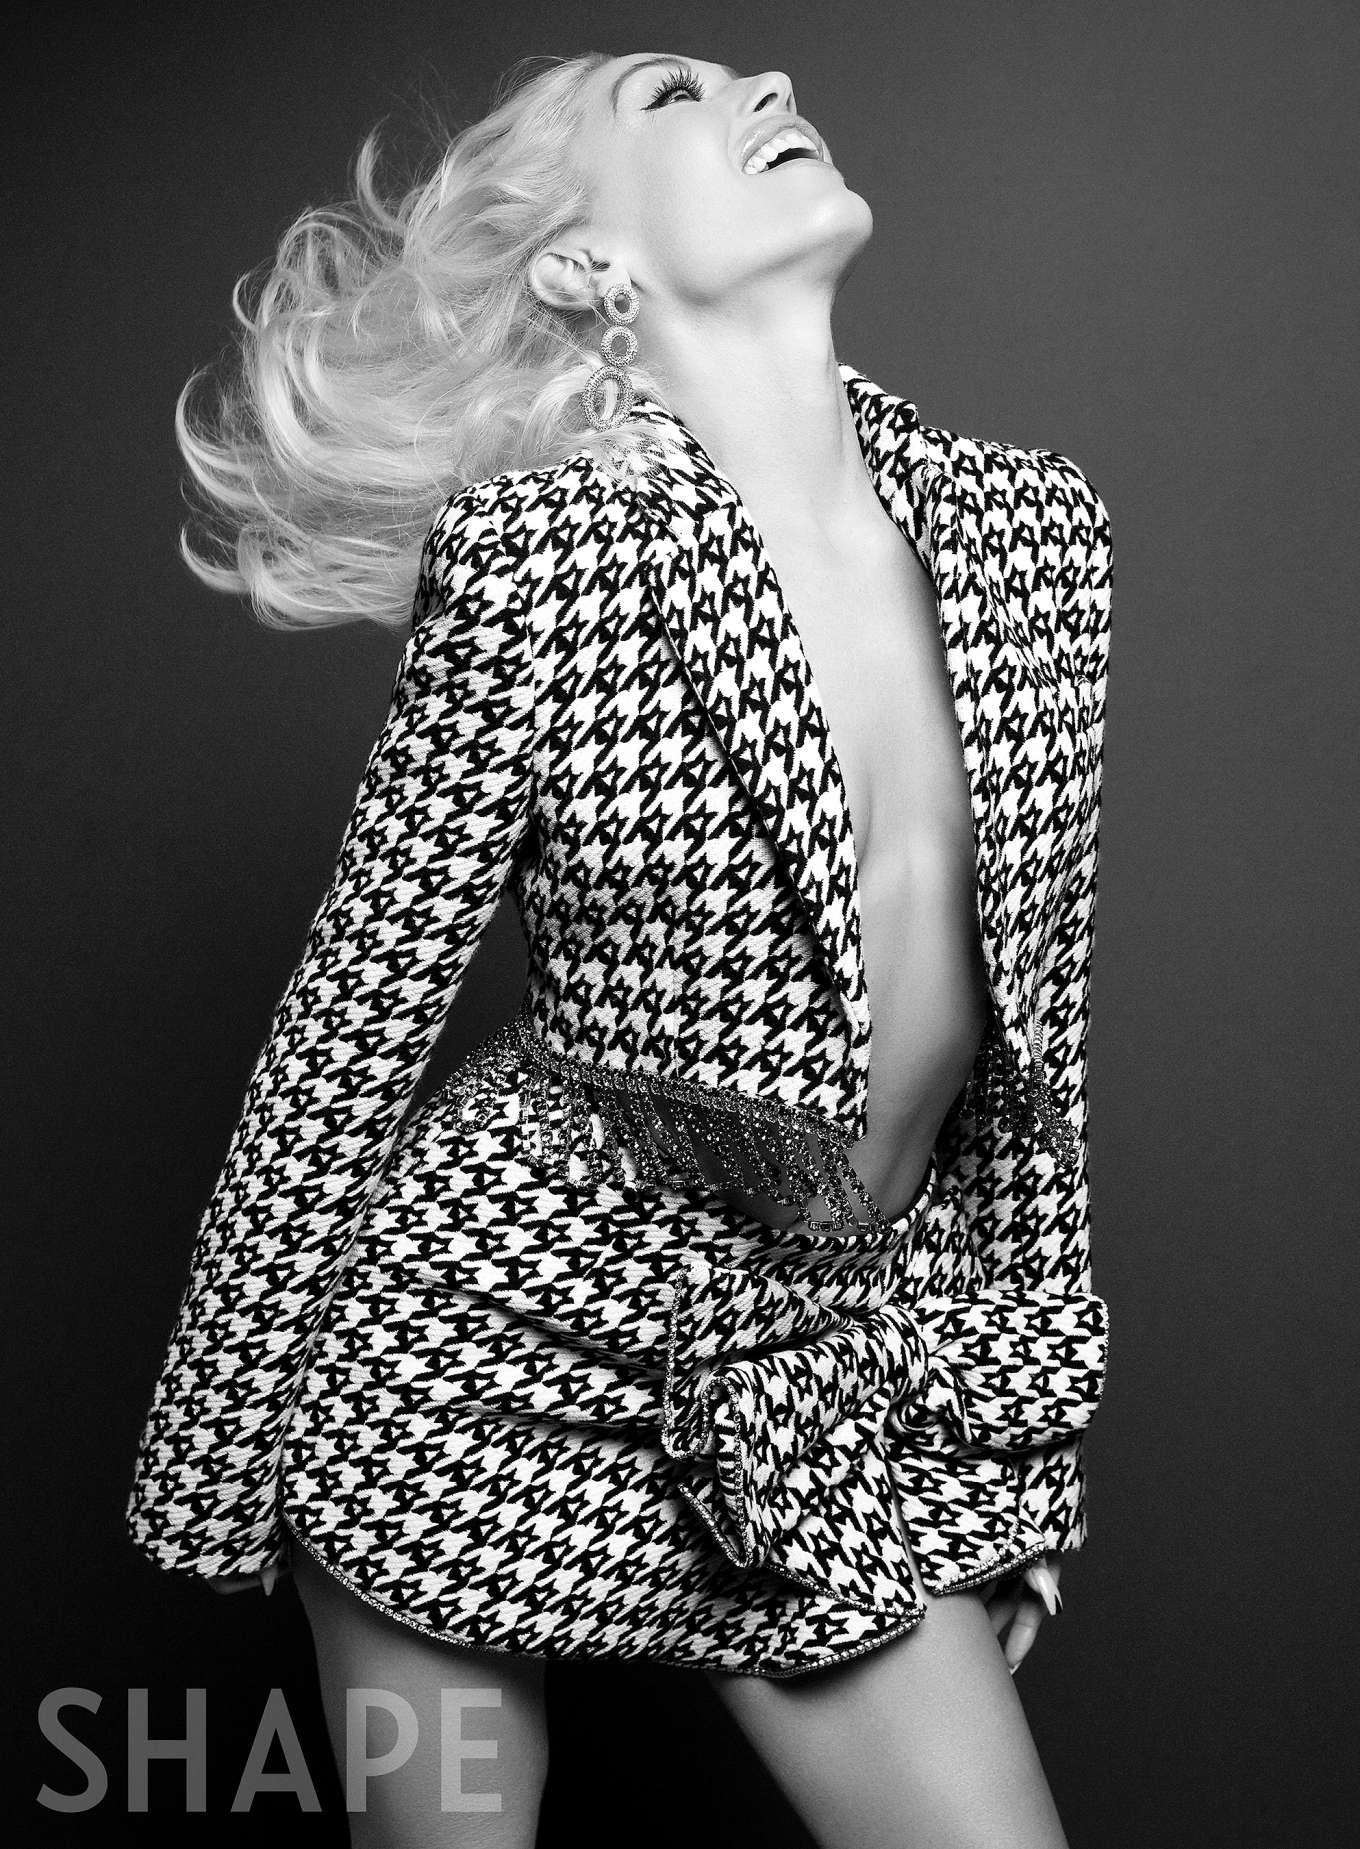 Gwen Stefani 2019 : Gwen Stefani – Shape US Magazine 2019-07